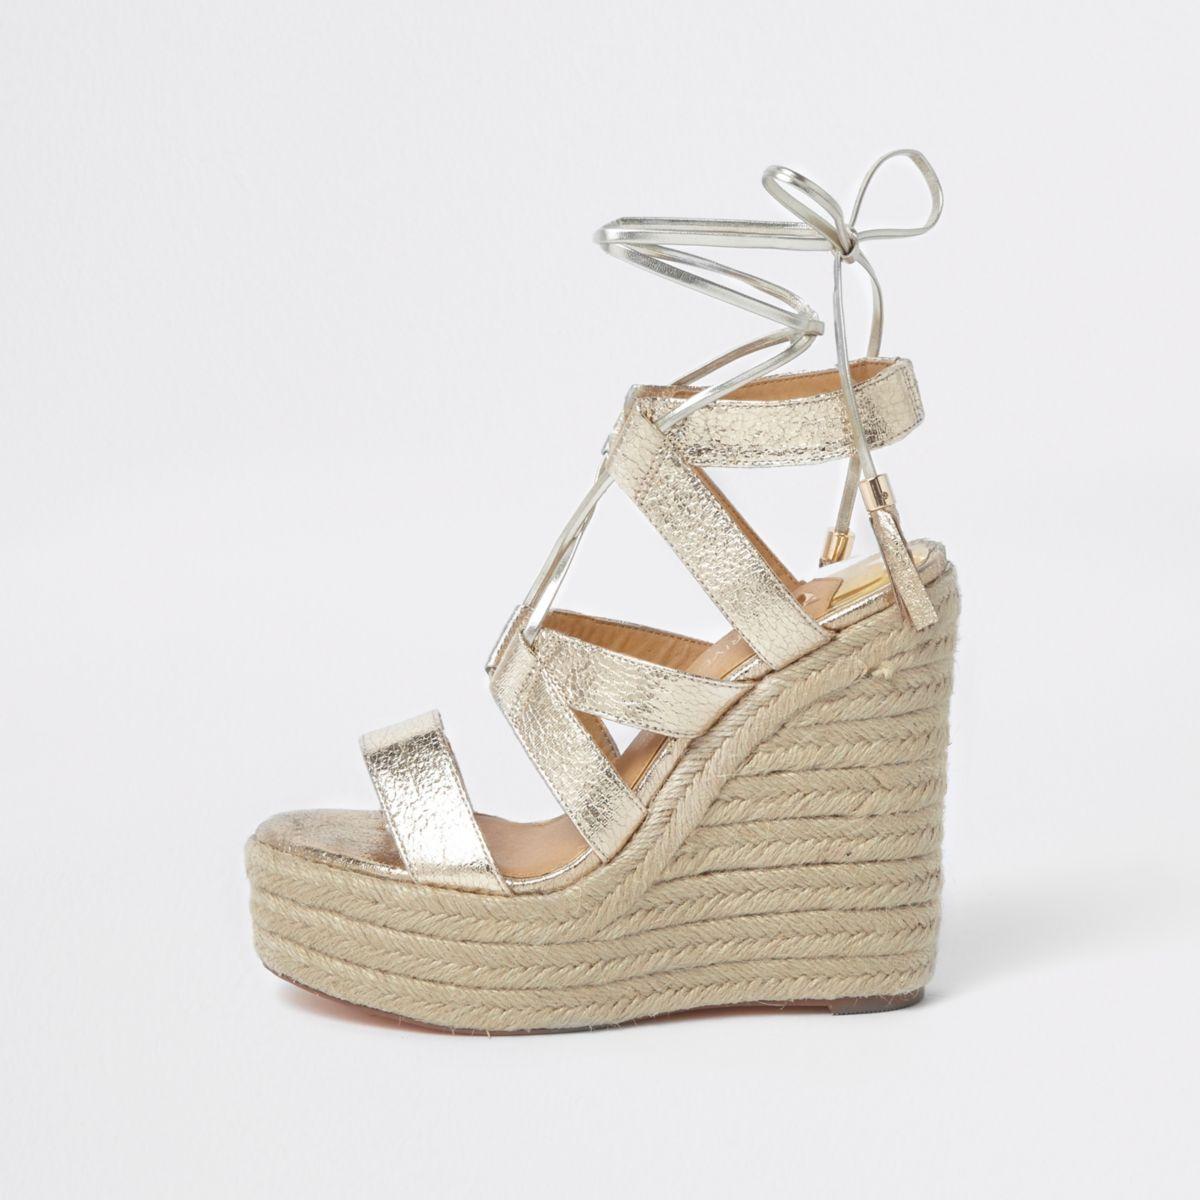 Braderie Chaud River Island Chaussures compensées fa?on espadrilles métallisé à lacets Faire Acheter La Vente En Ligne Classique Sortie YeEzns